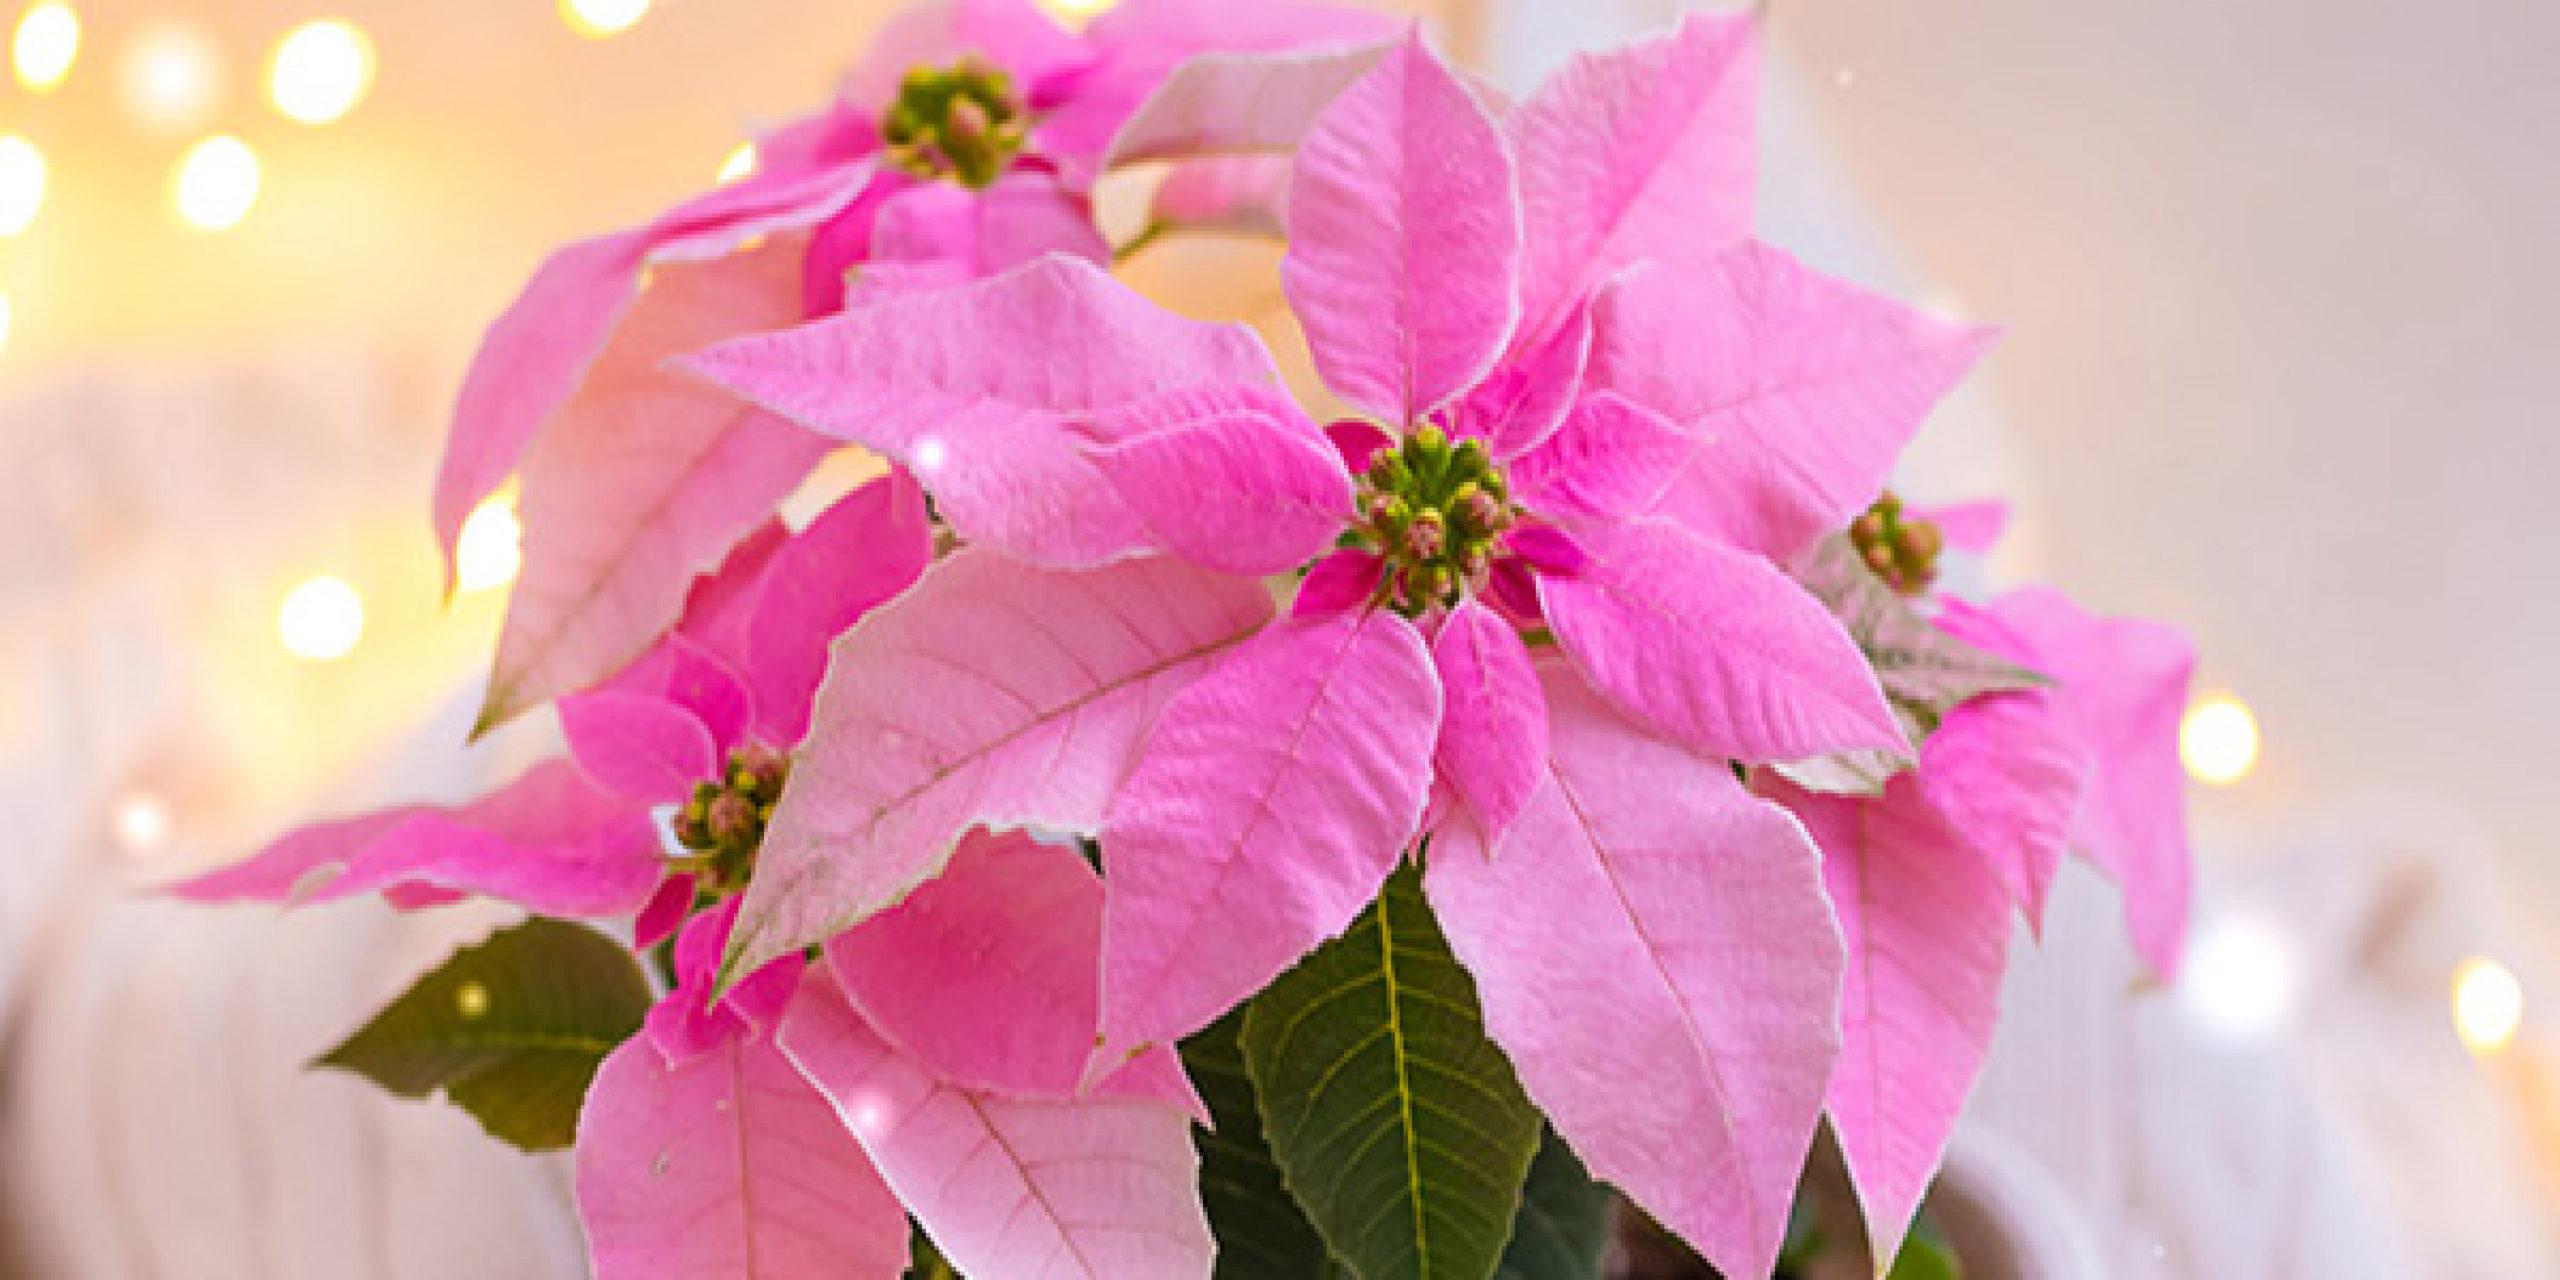 Foto Stella Di Natale.La Stella Di Natale Una Bellezza Da Proteggere Cifo